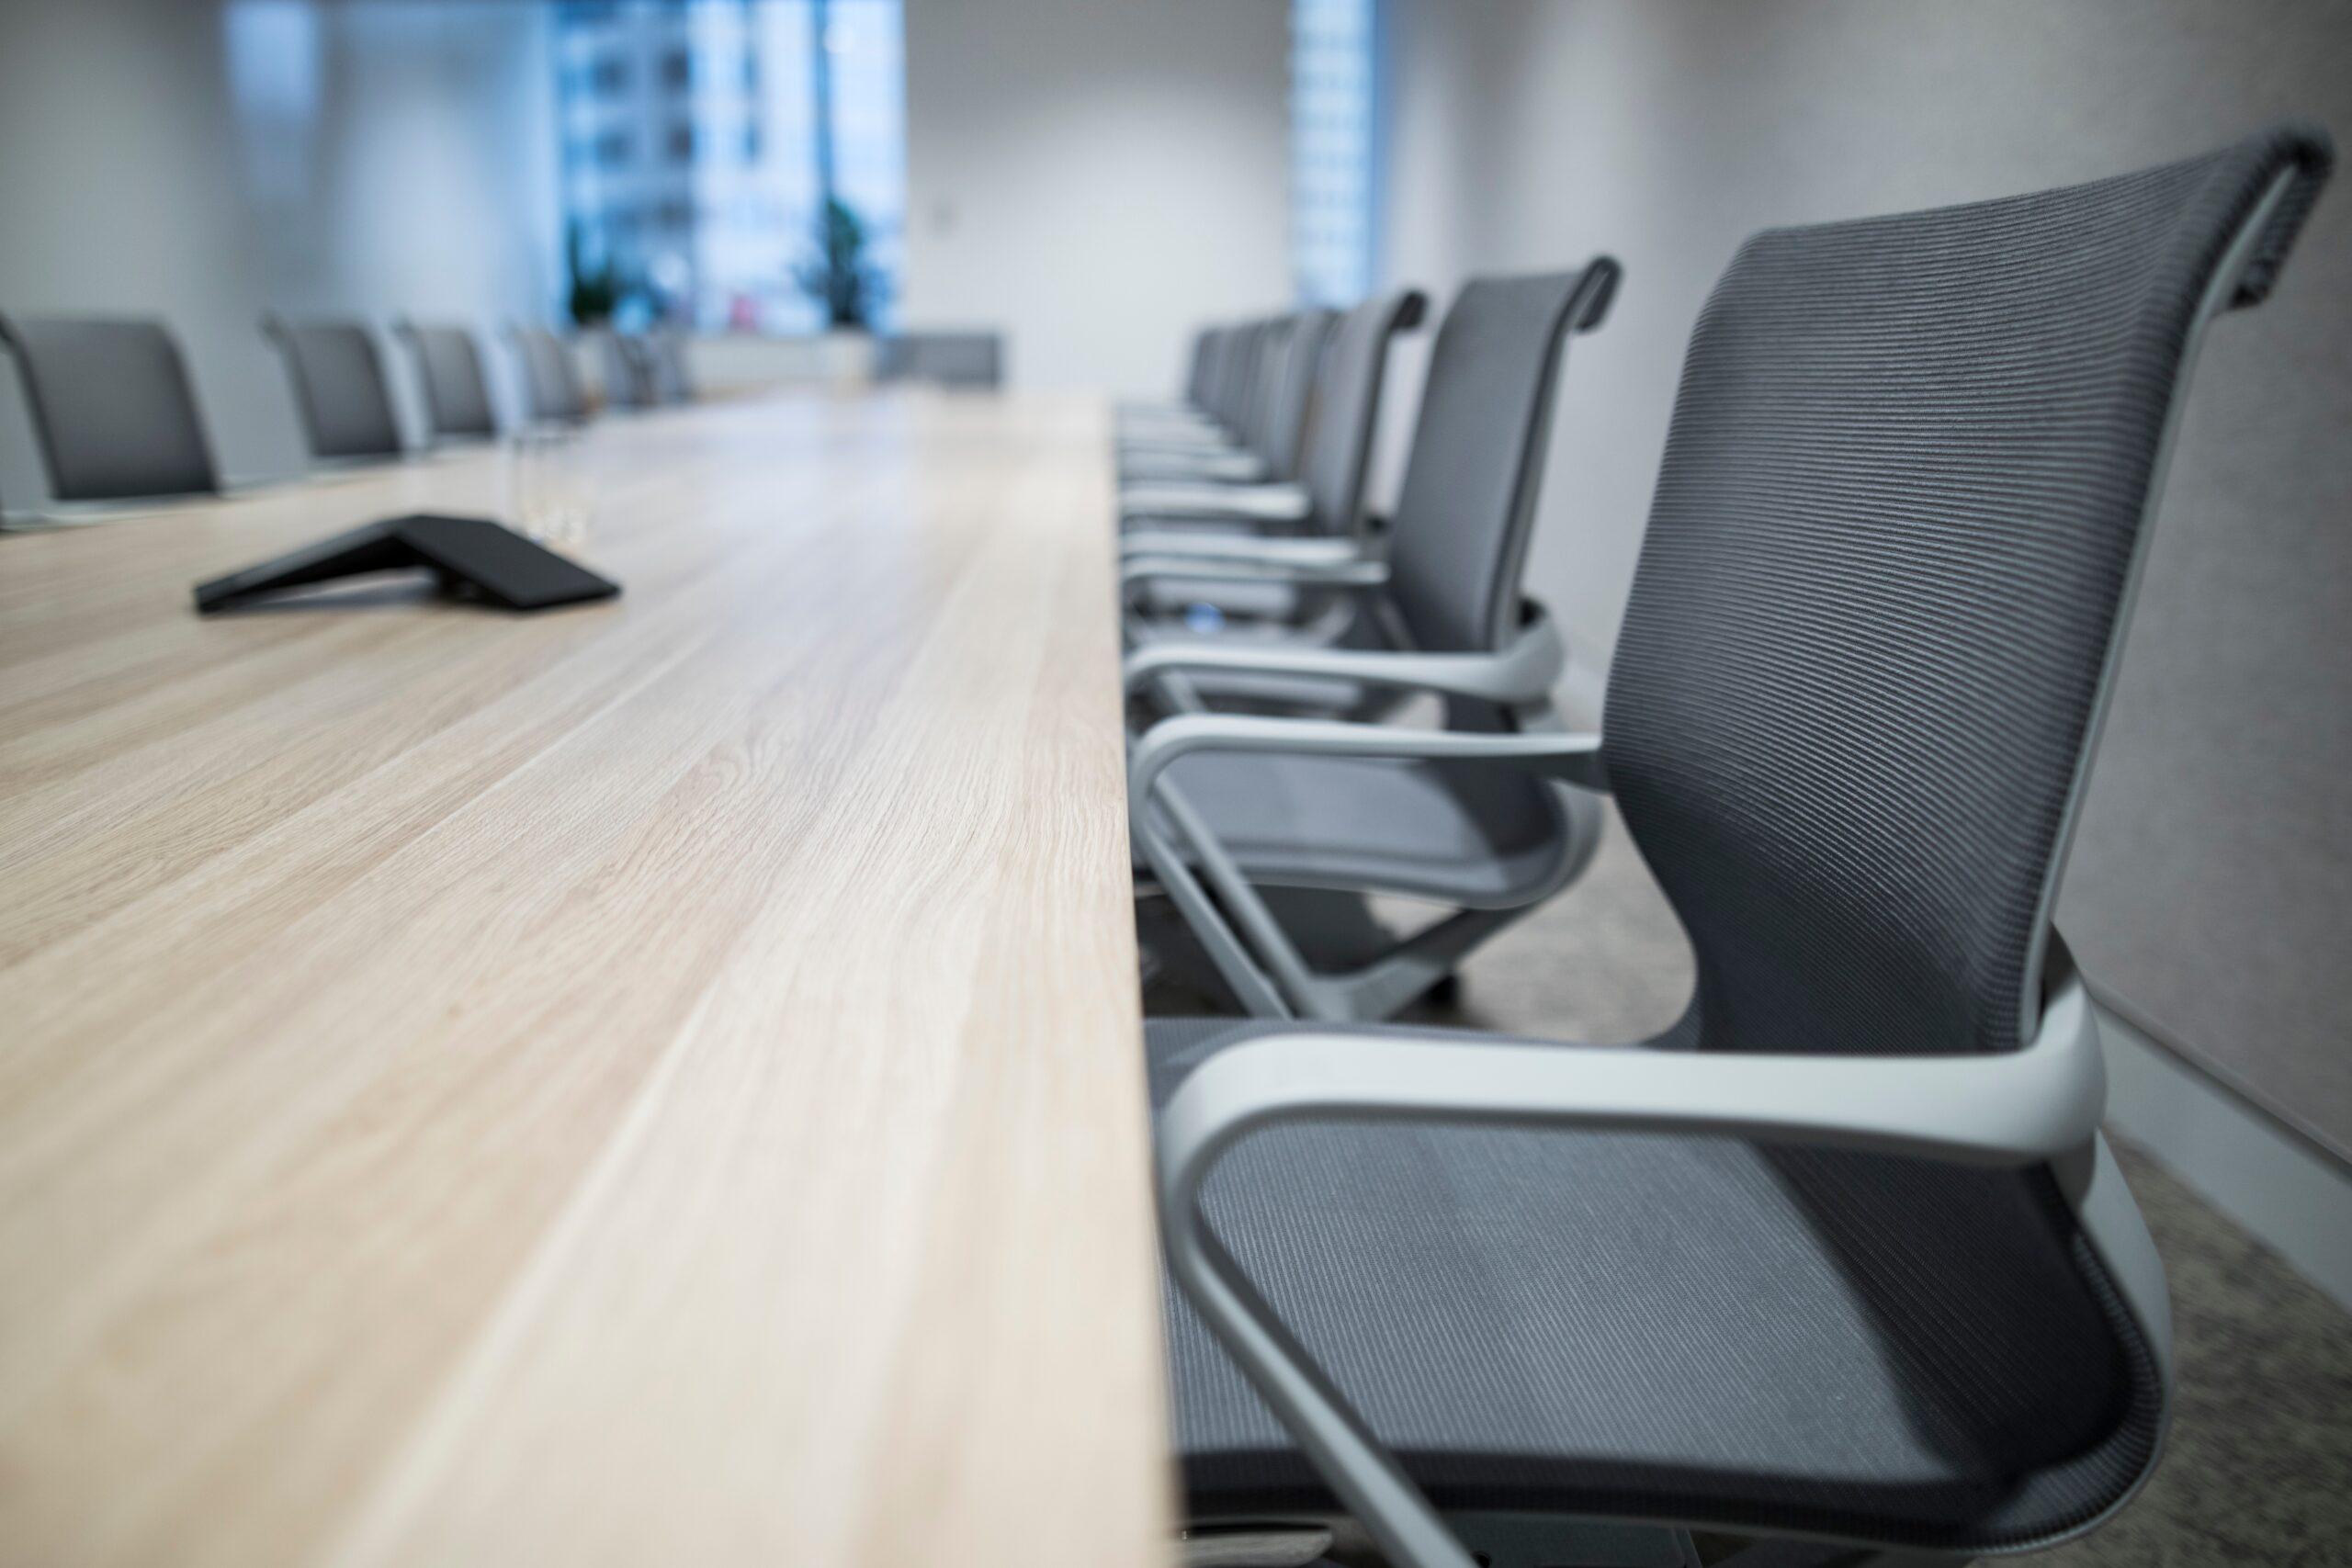 Sensibin announces new board appointments